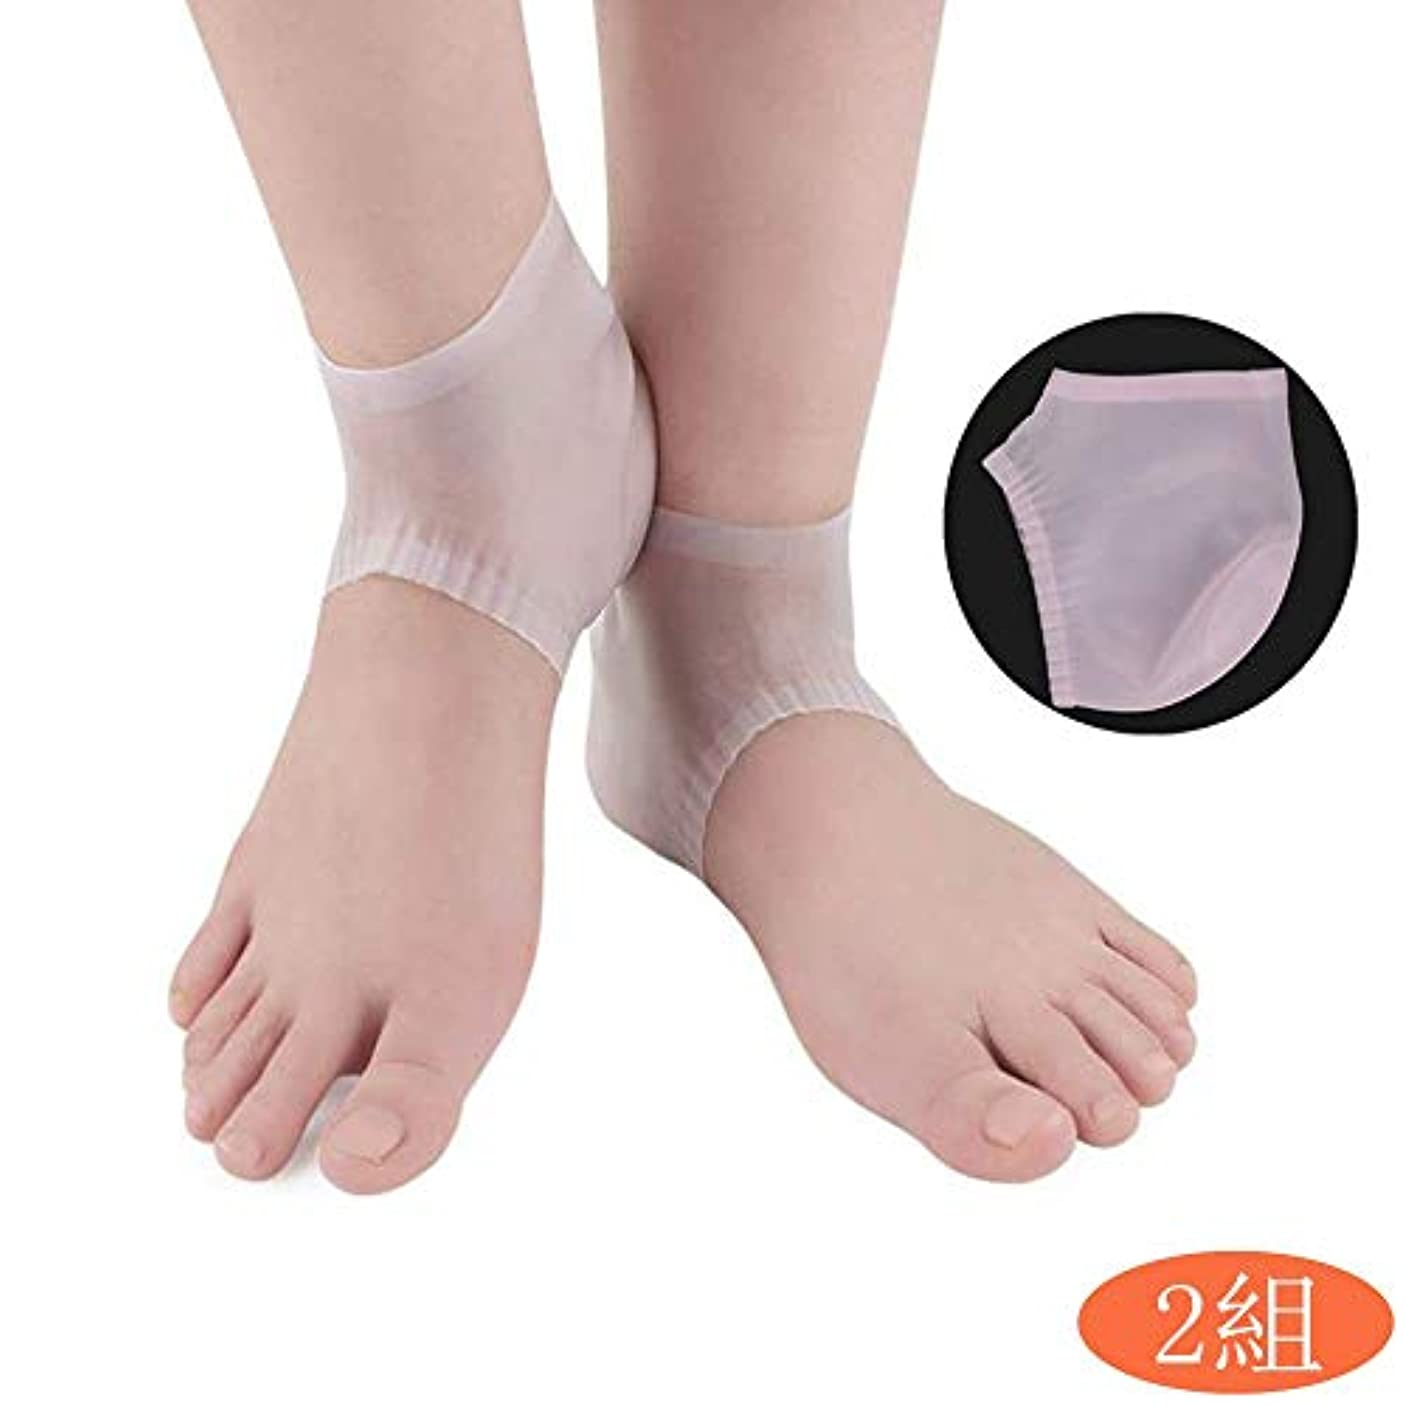 月骨髄細いかかと保護カバー 靴ずれ防止 足底筋膜炎 踵 かかとサポーター 足裏サポート 足裂防止 ひび割れ防止 痛みを緩和 衝撃吸収 美足 足クッション 男女兼用(2組)